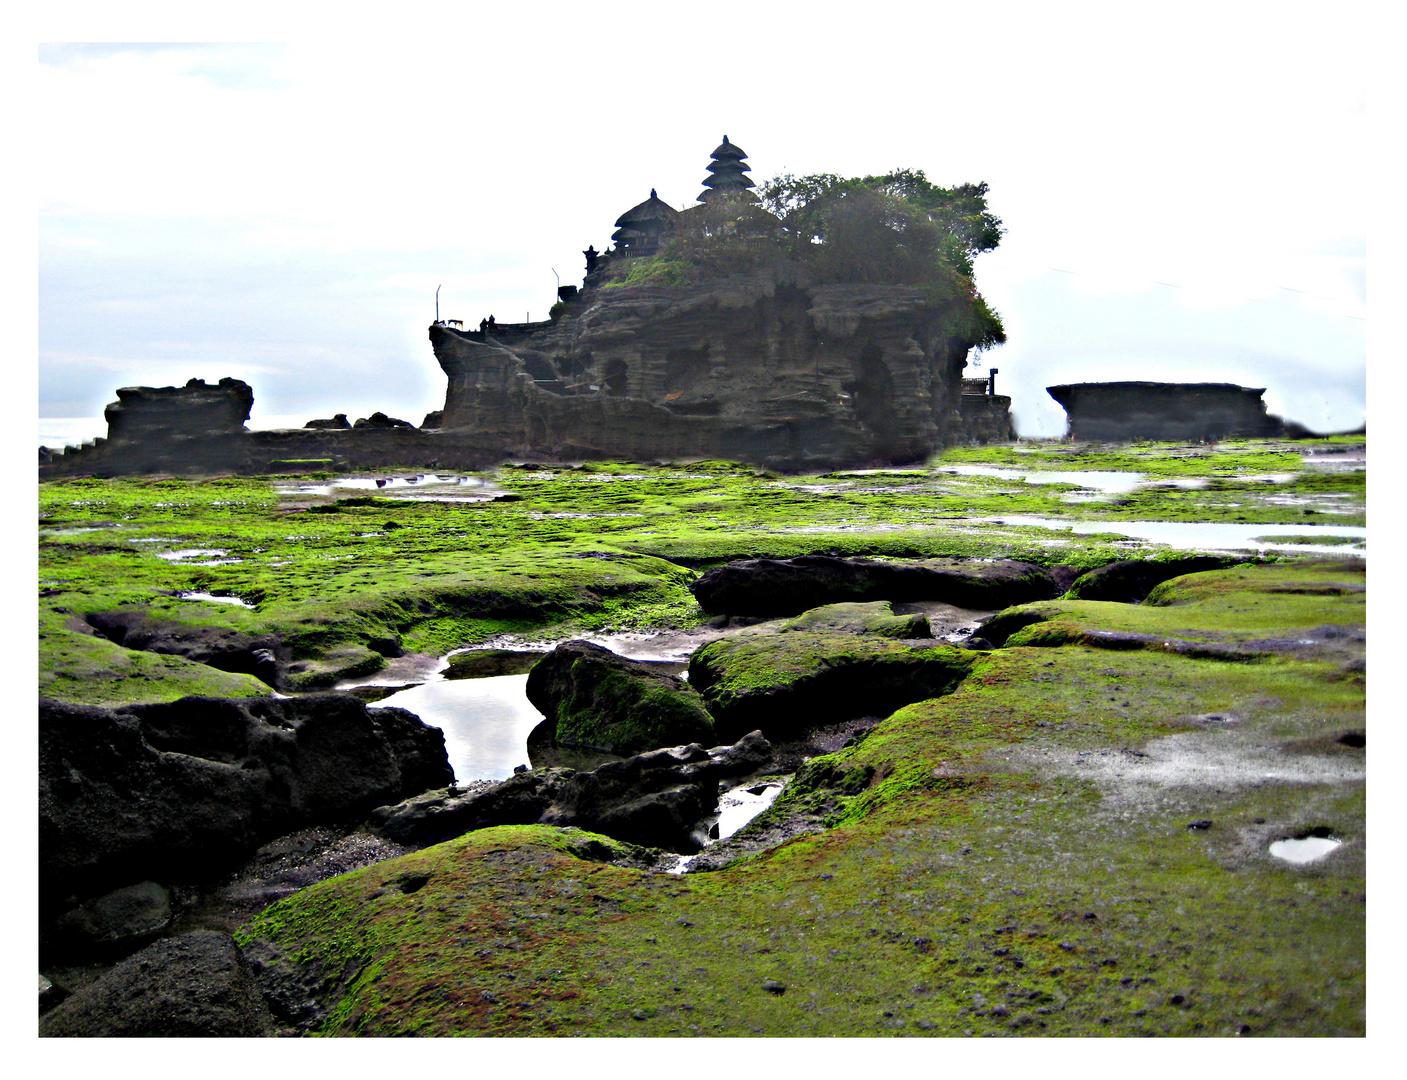 Tanah lot ( Bali ) 2009